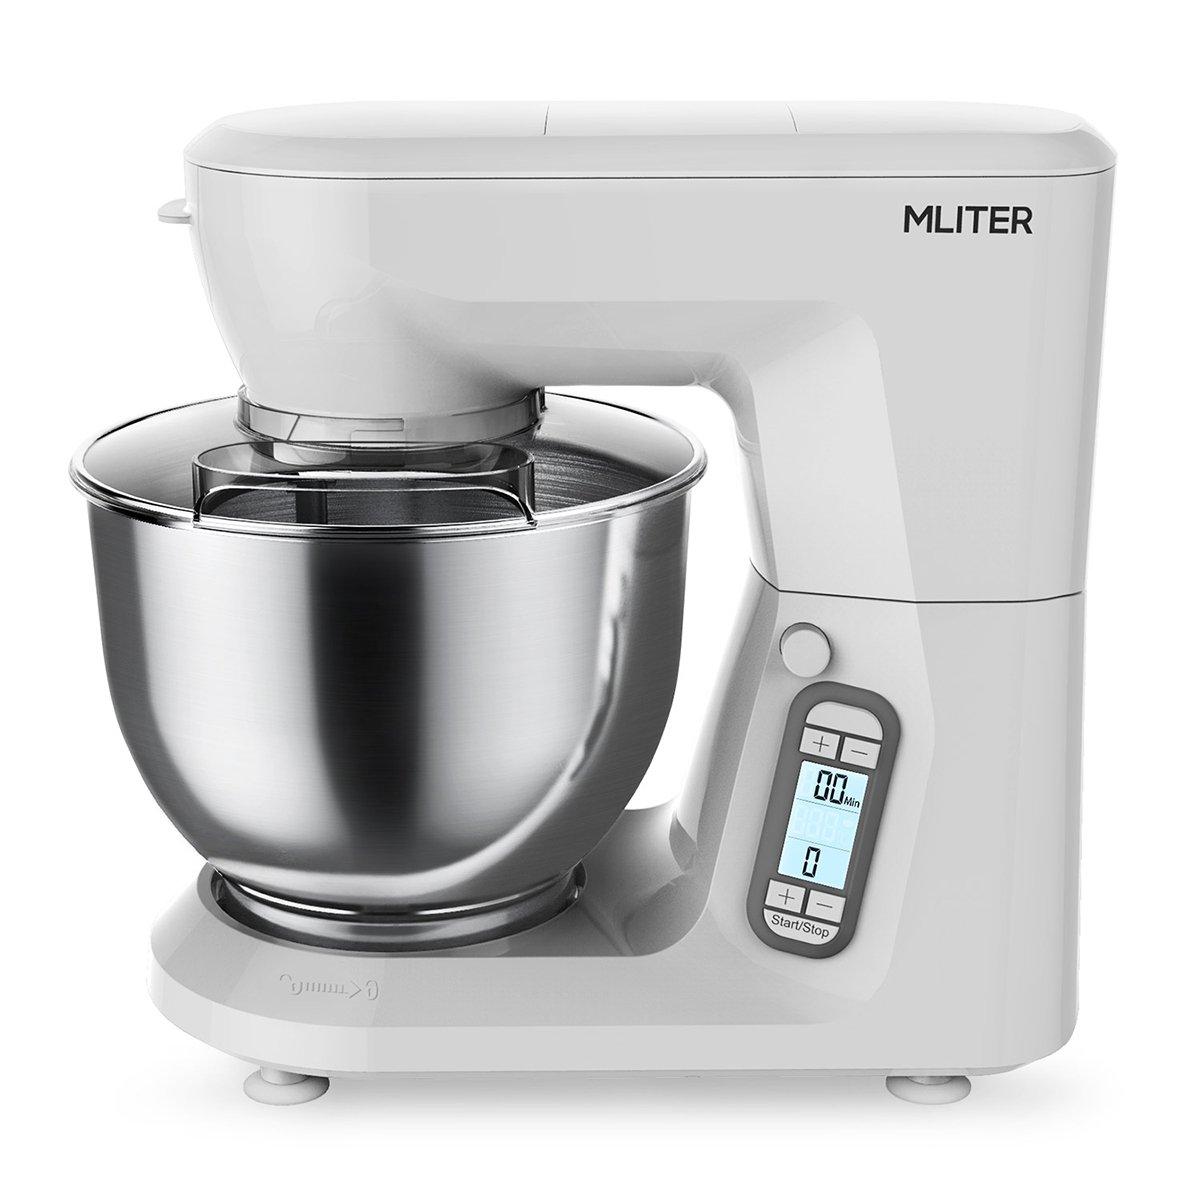 Amazon.de: MLITER Küchenmaschine 1500W Knetmaschine mit 6.0L ...